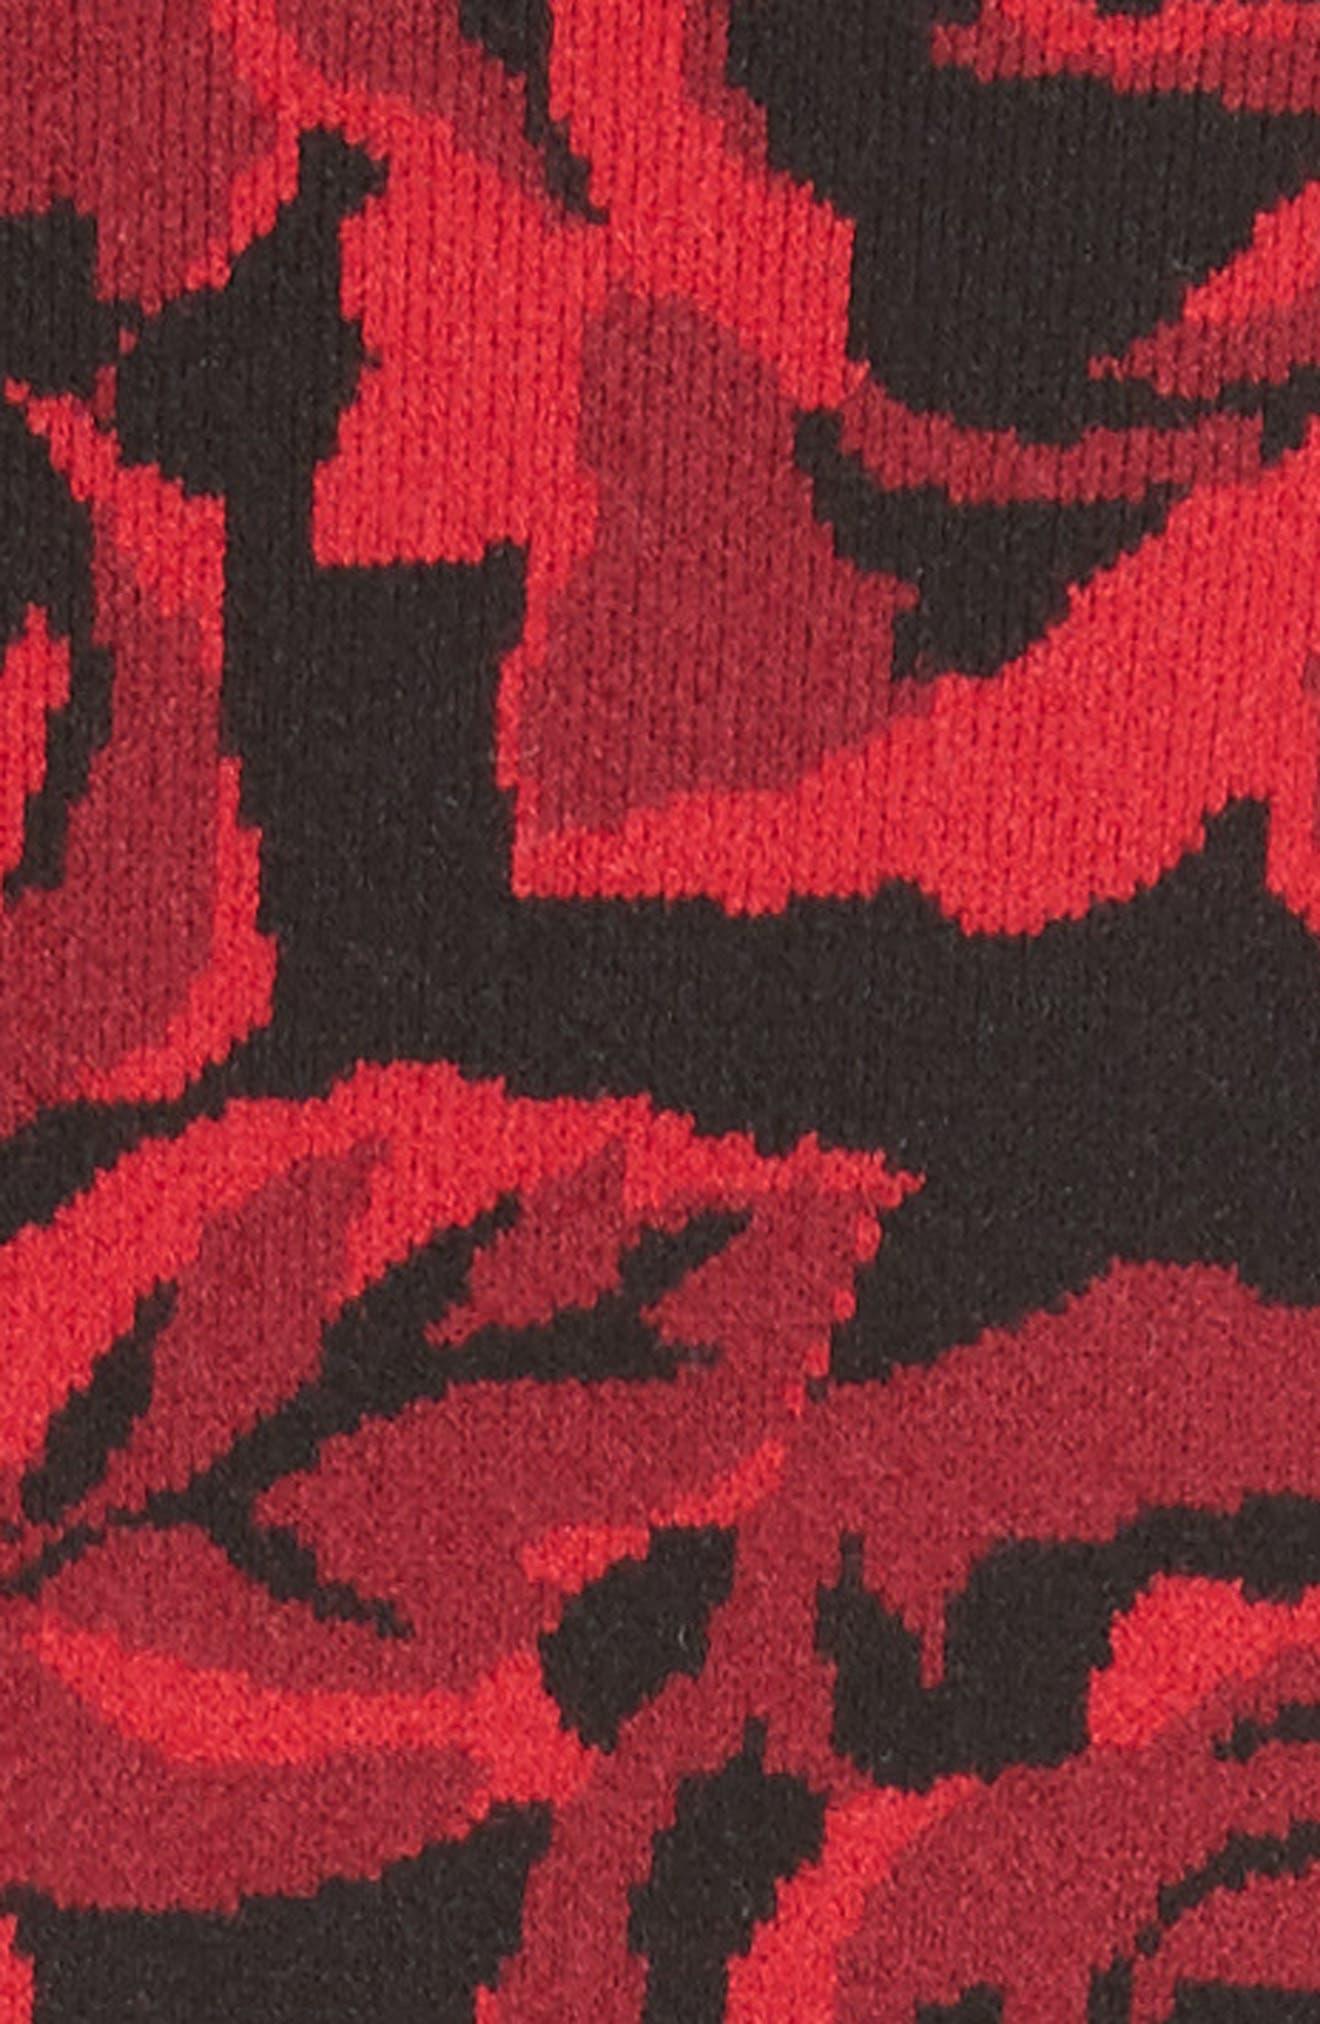 Stretch Rose Jacquard Tank Dress,                             Alternate thumbnail 3, color,                             Crimson/ Black